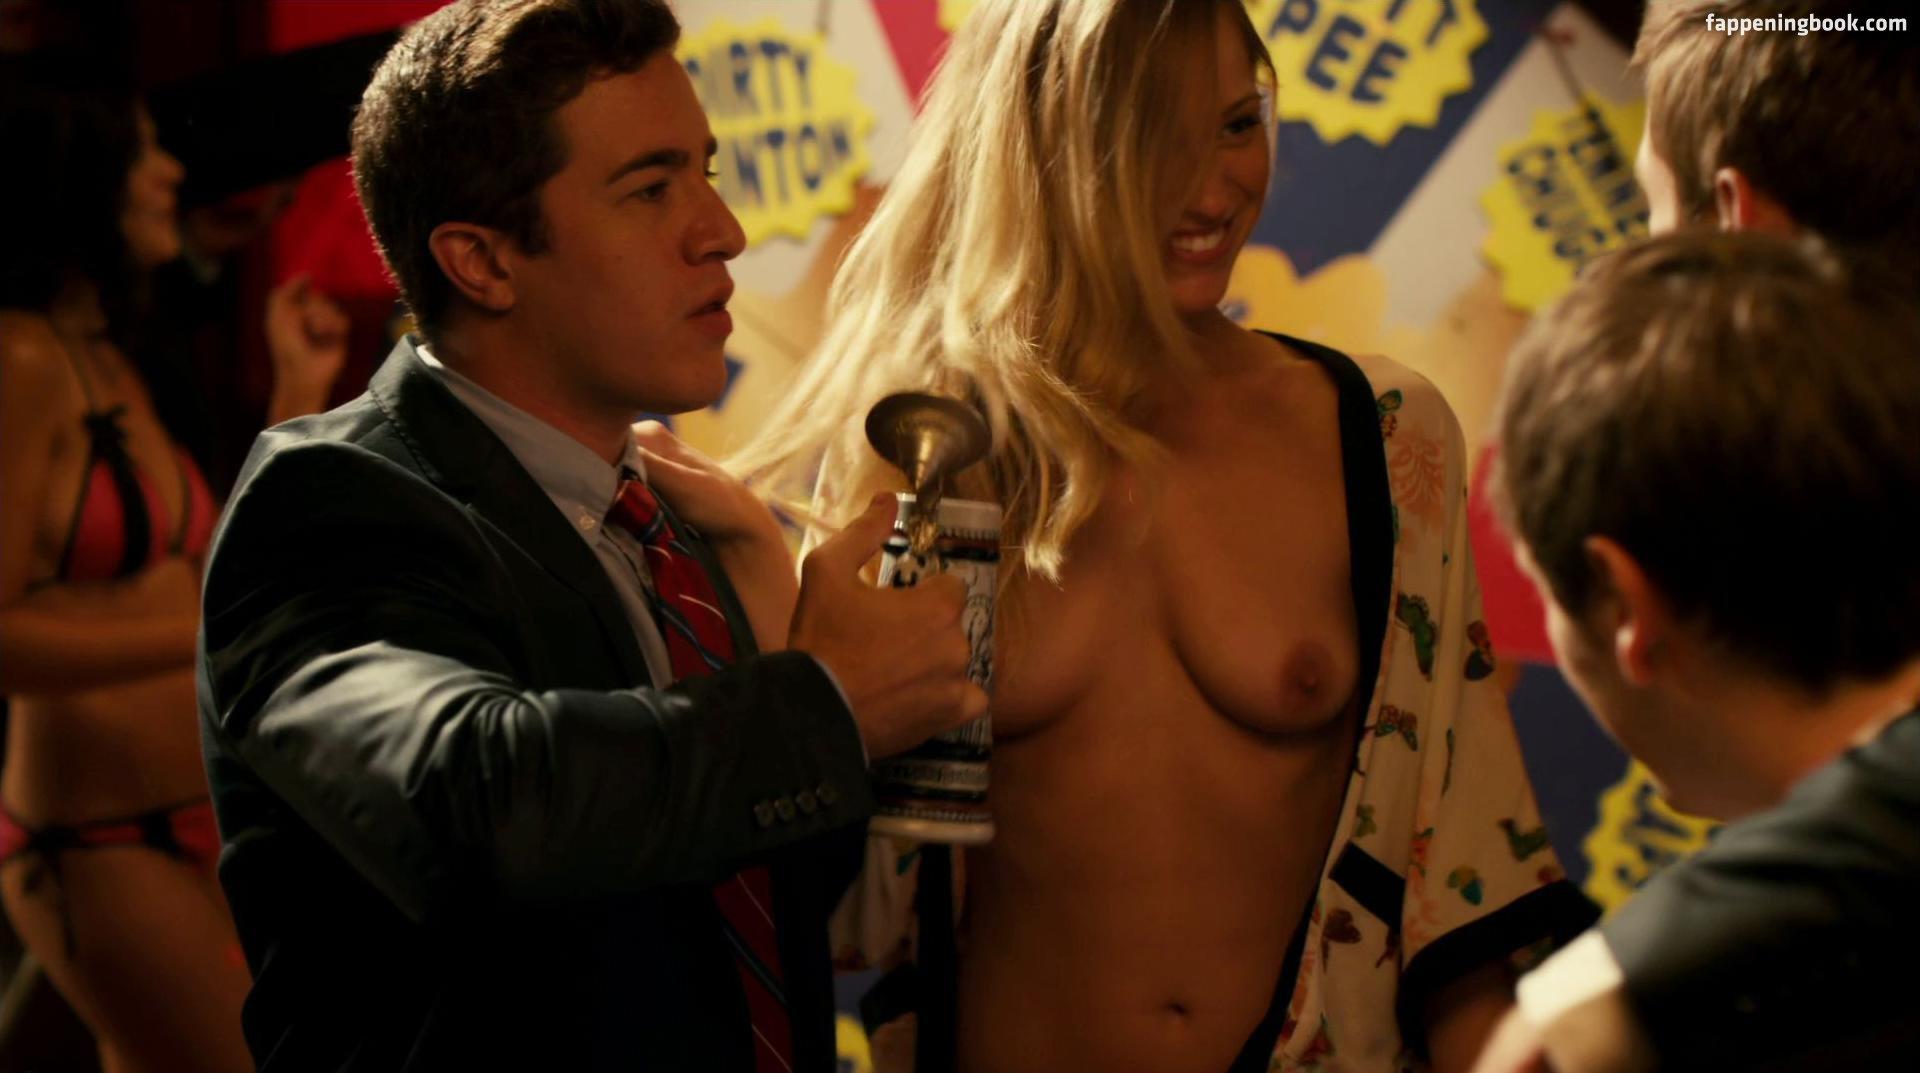 Fiona Vroom Naked rachel van dijk nude, sexy, the fappening, uncensored